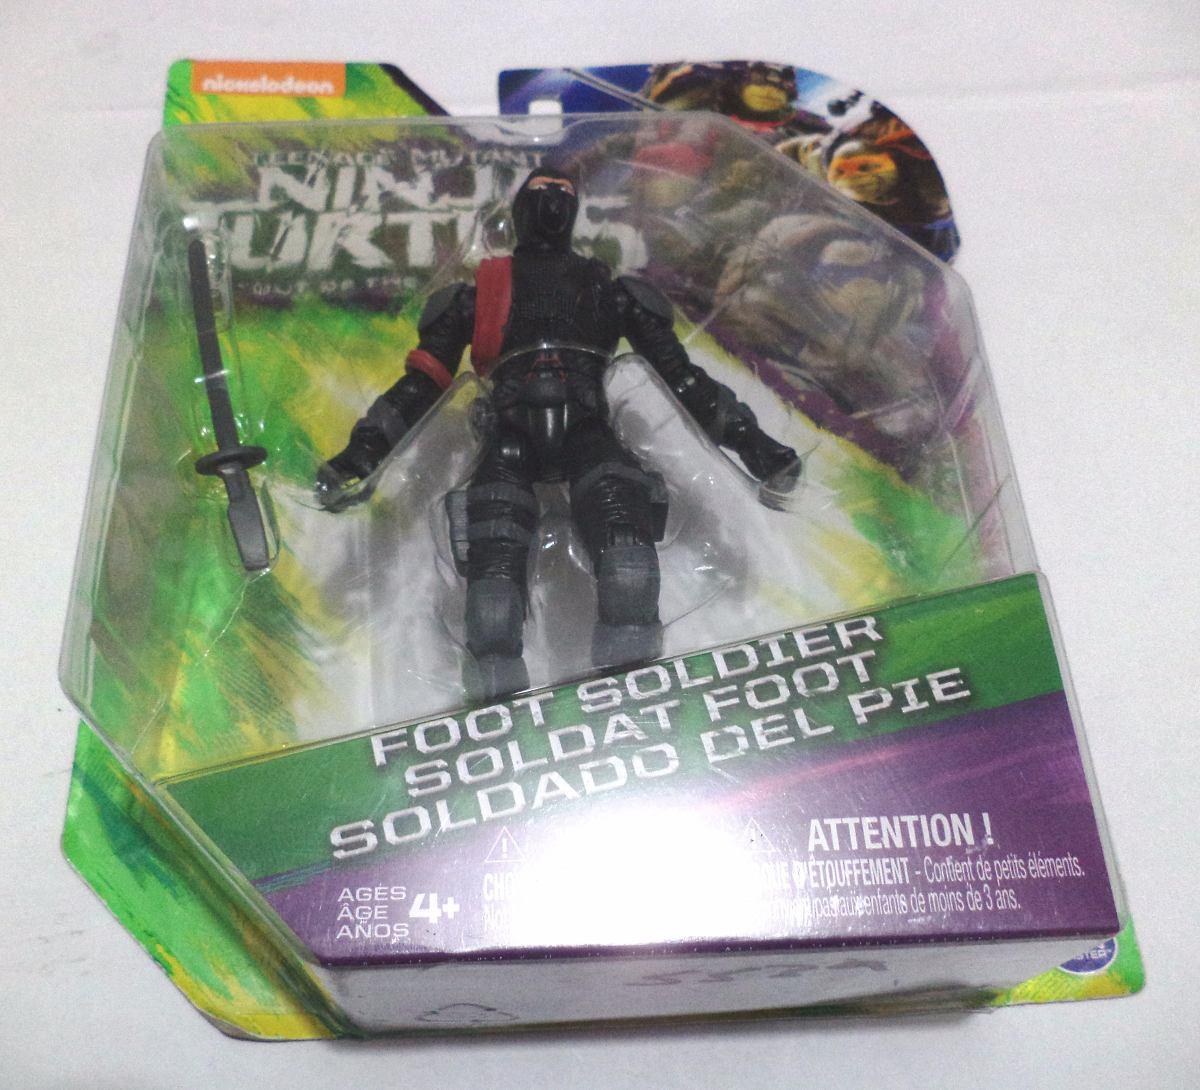 Juguete Ninja Turtles Foot Soldier